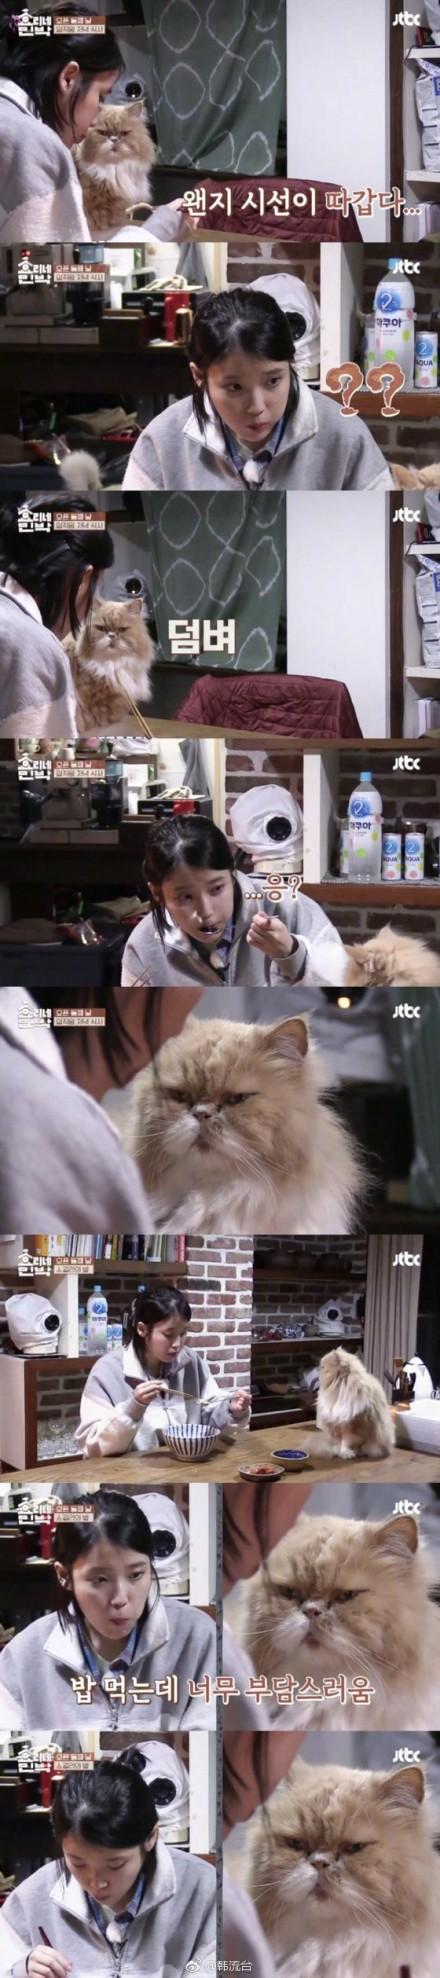 一脸懵与一脸萌!IU与李孝利爱猫互盯场面有爱